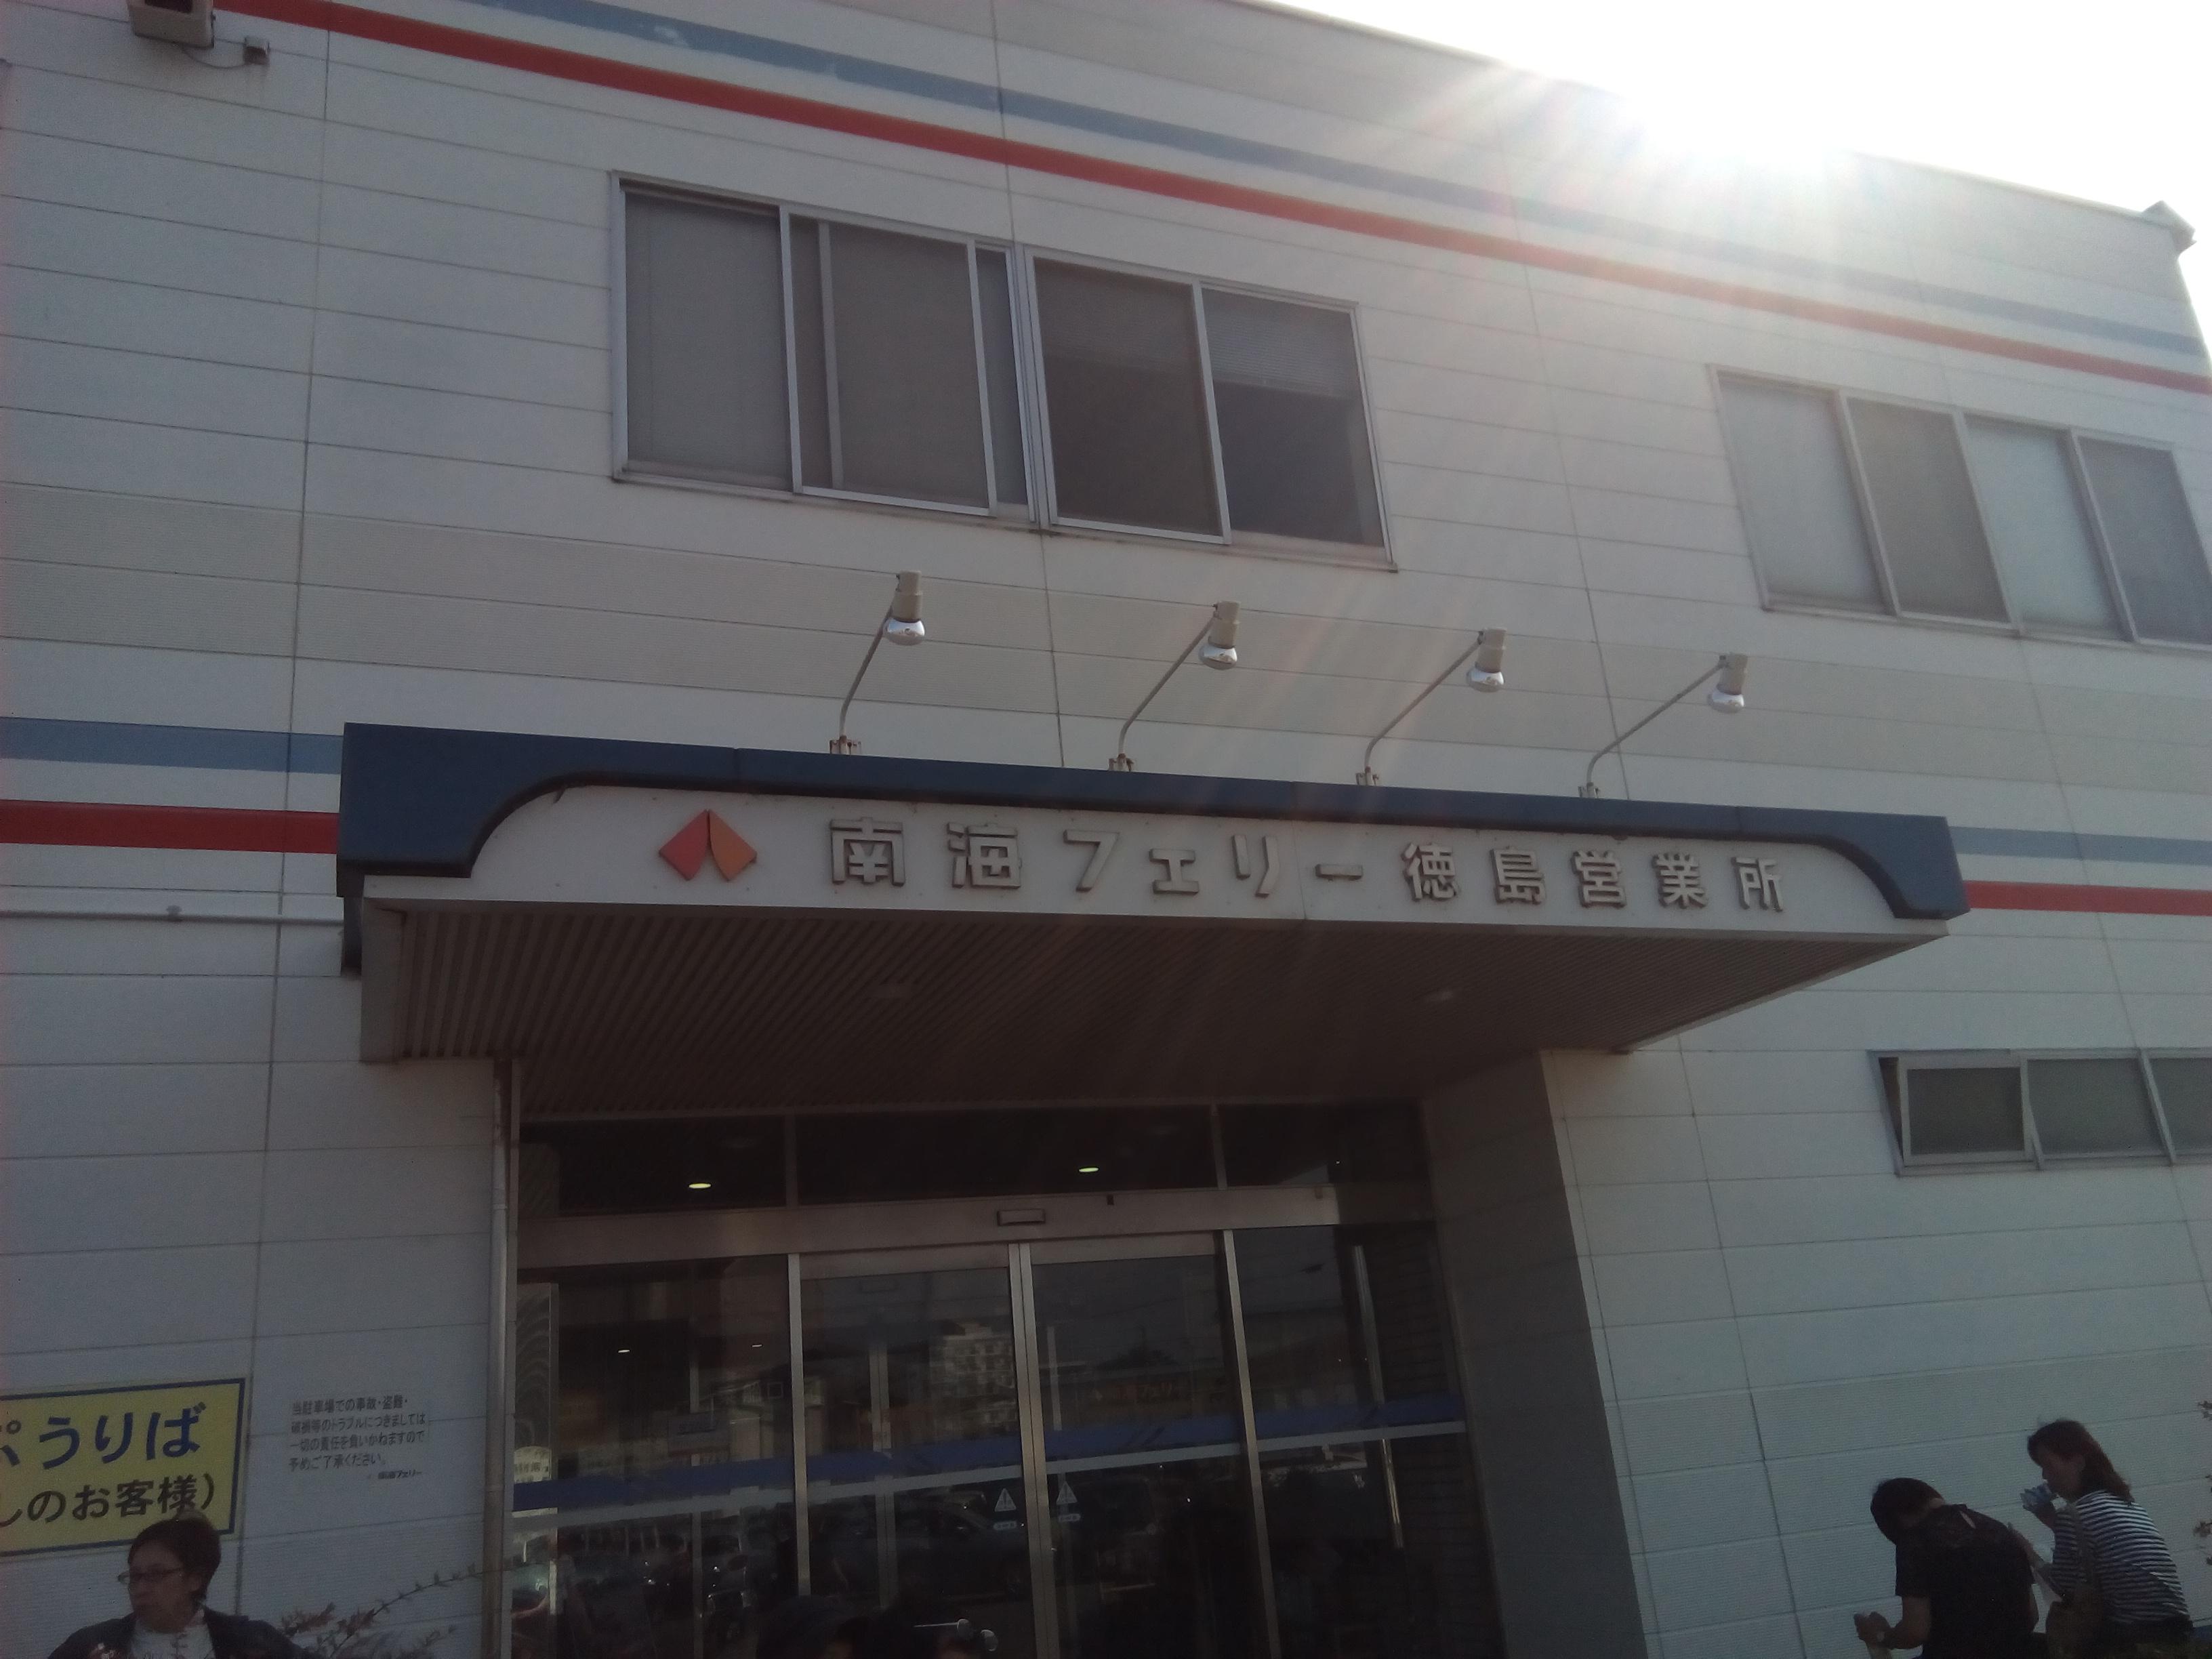 大阪から徳島へ行くならフェリーが安い